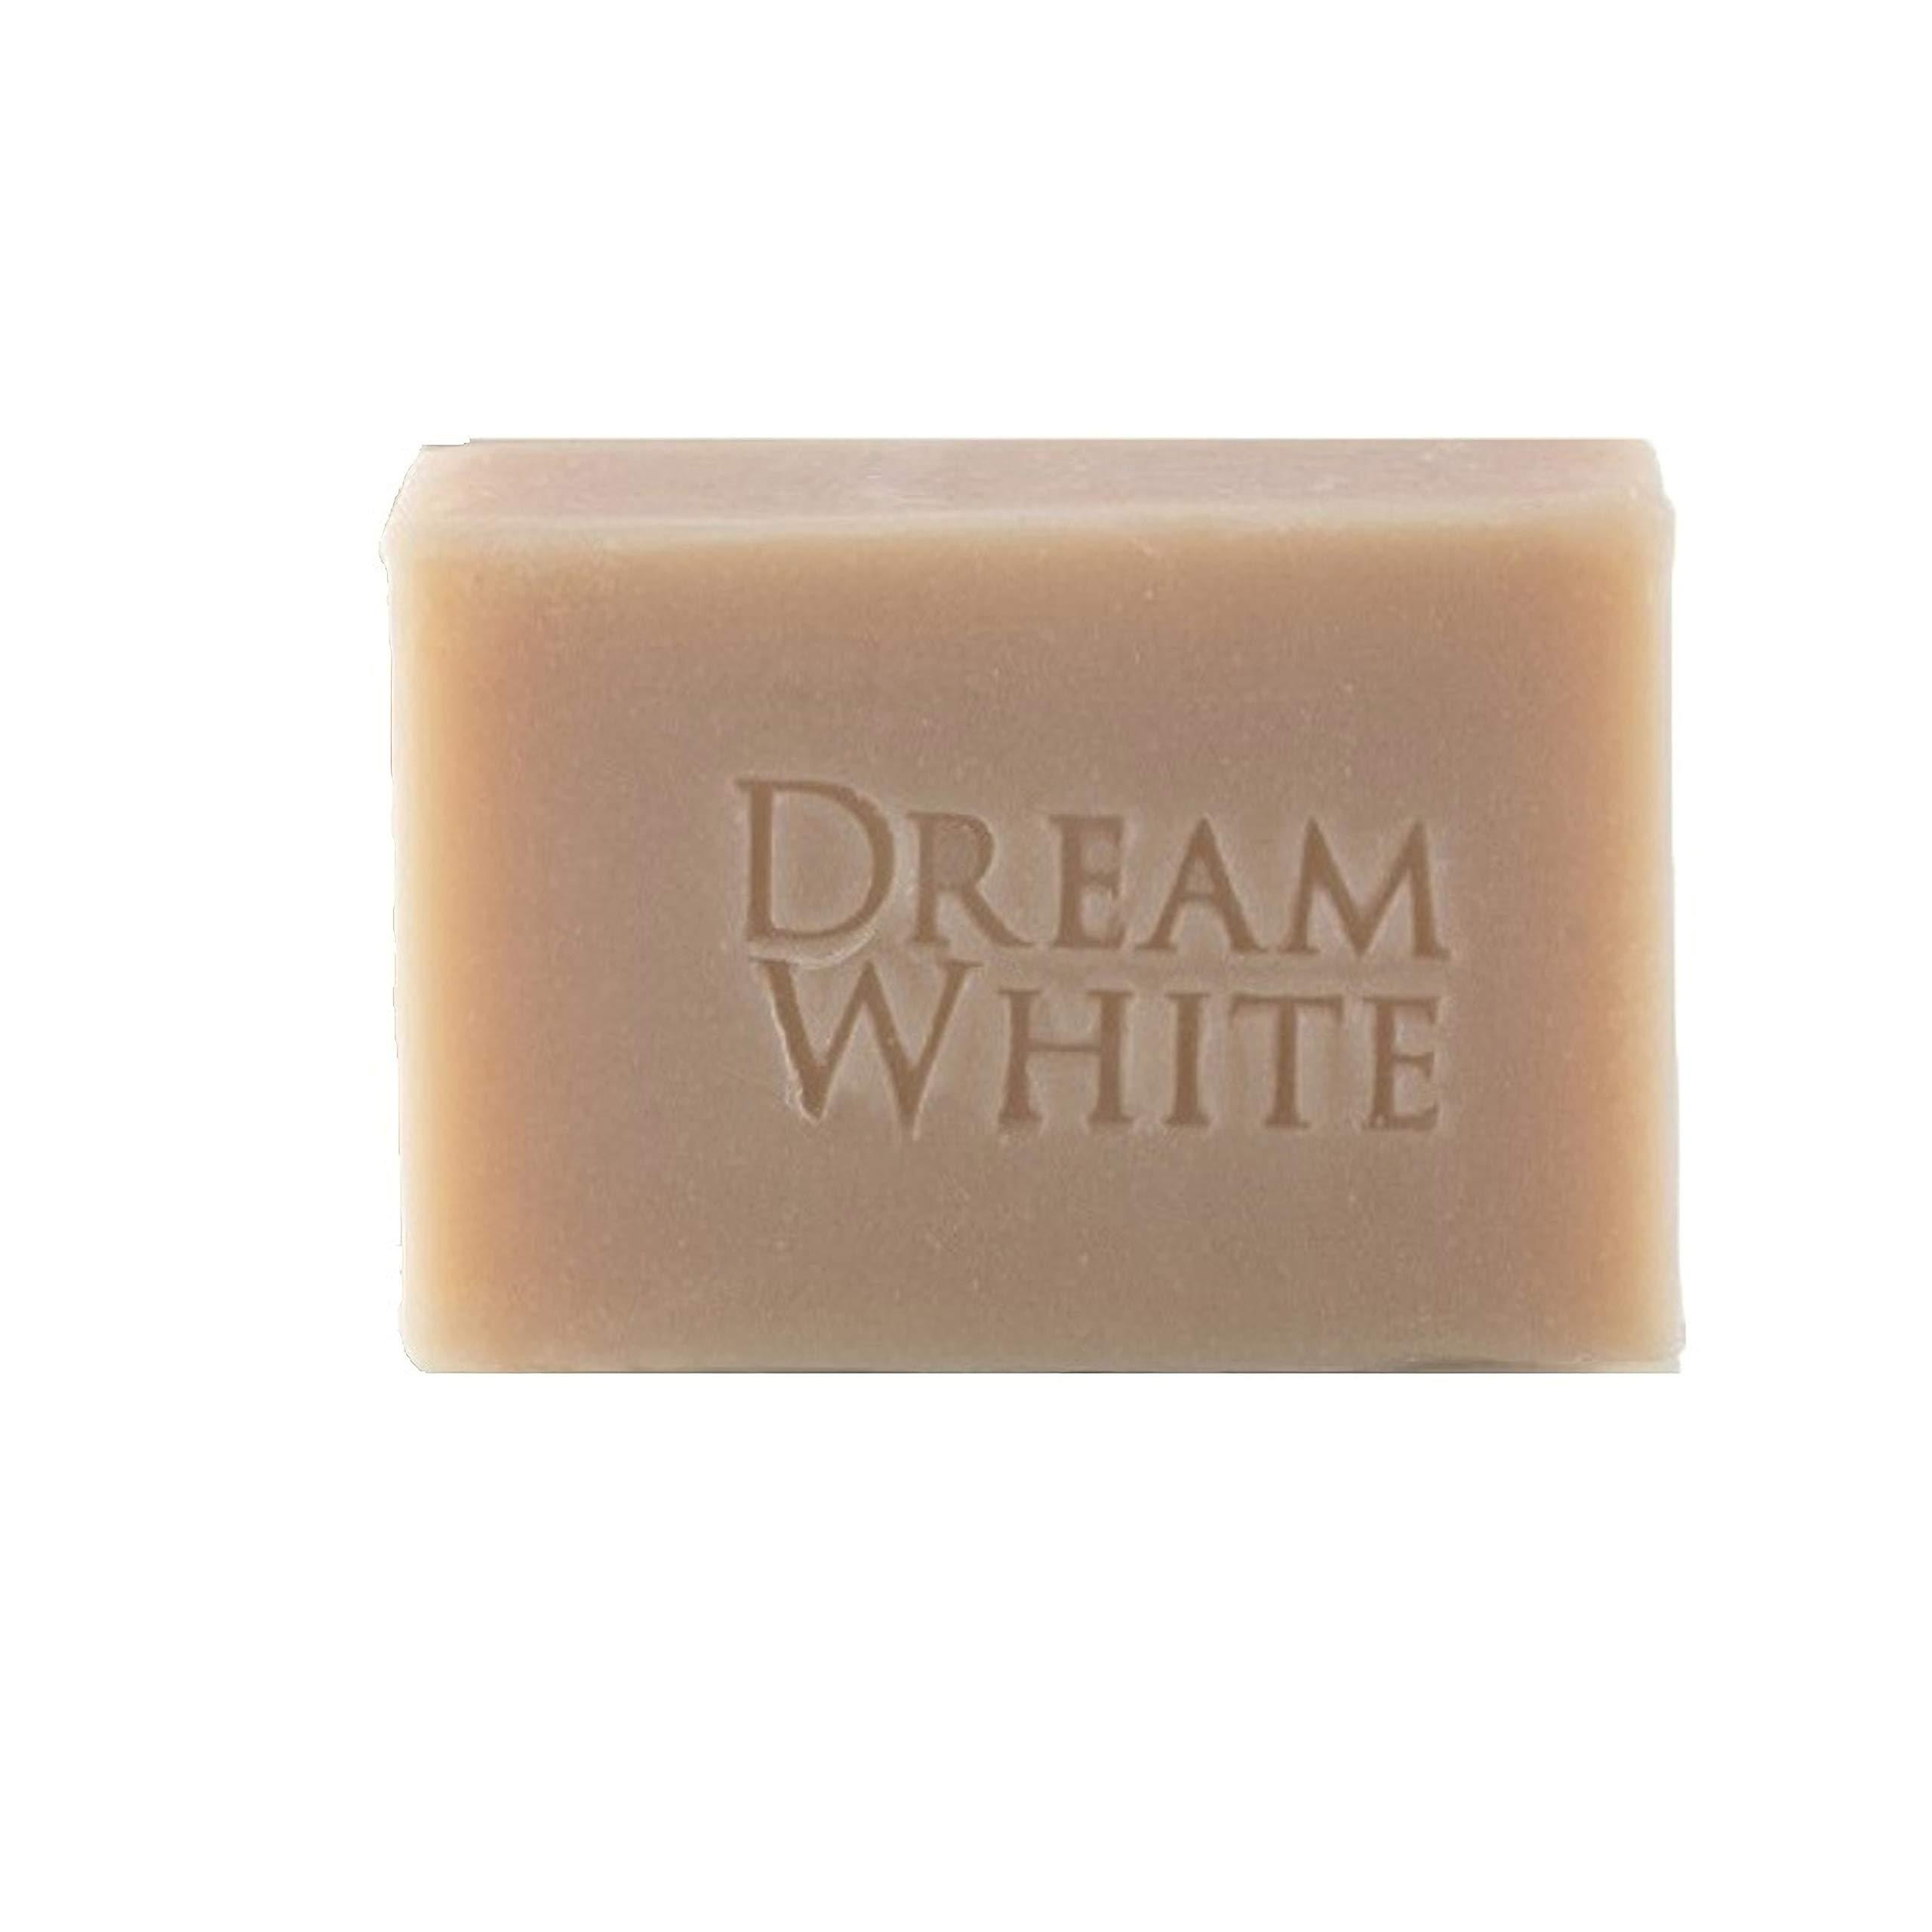 Kojie San Skin Lightening Kojic Acid Soap 2 Bars - 65g